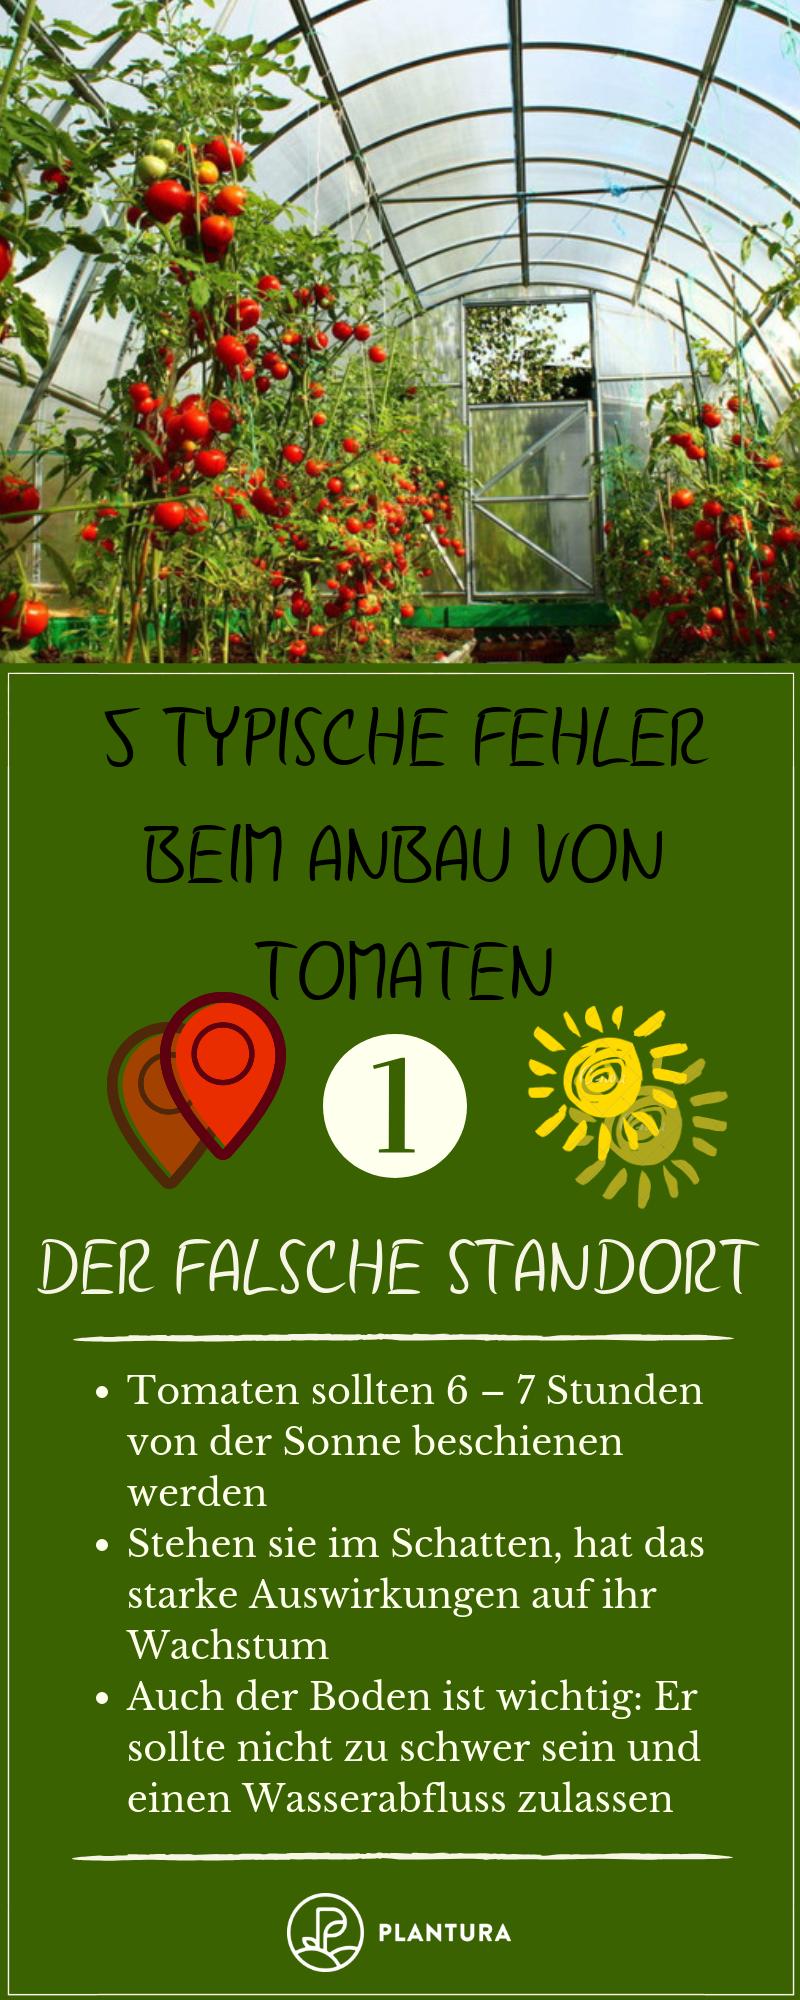 5 Typische Fehler Beim Anbau Von Tomaten Plantura Anbau Tomaten Garten Tomaten Zuchten